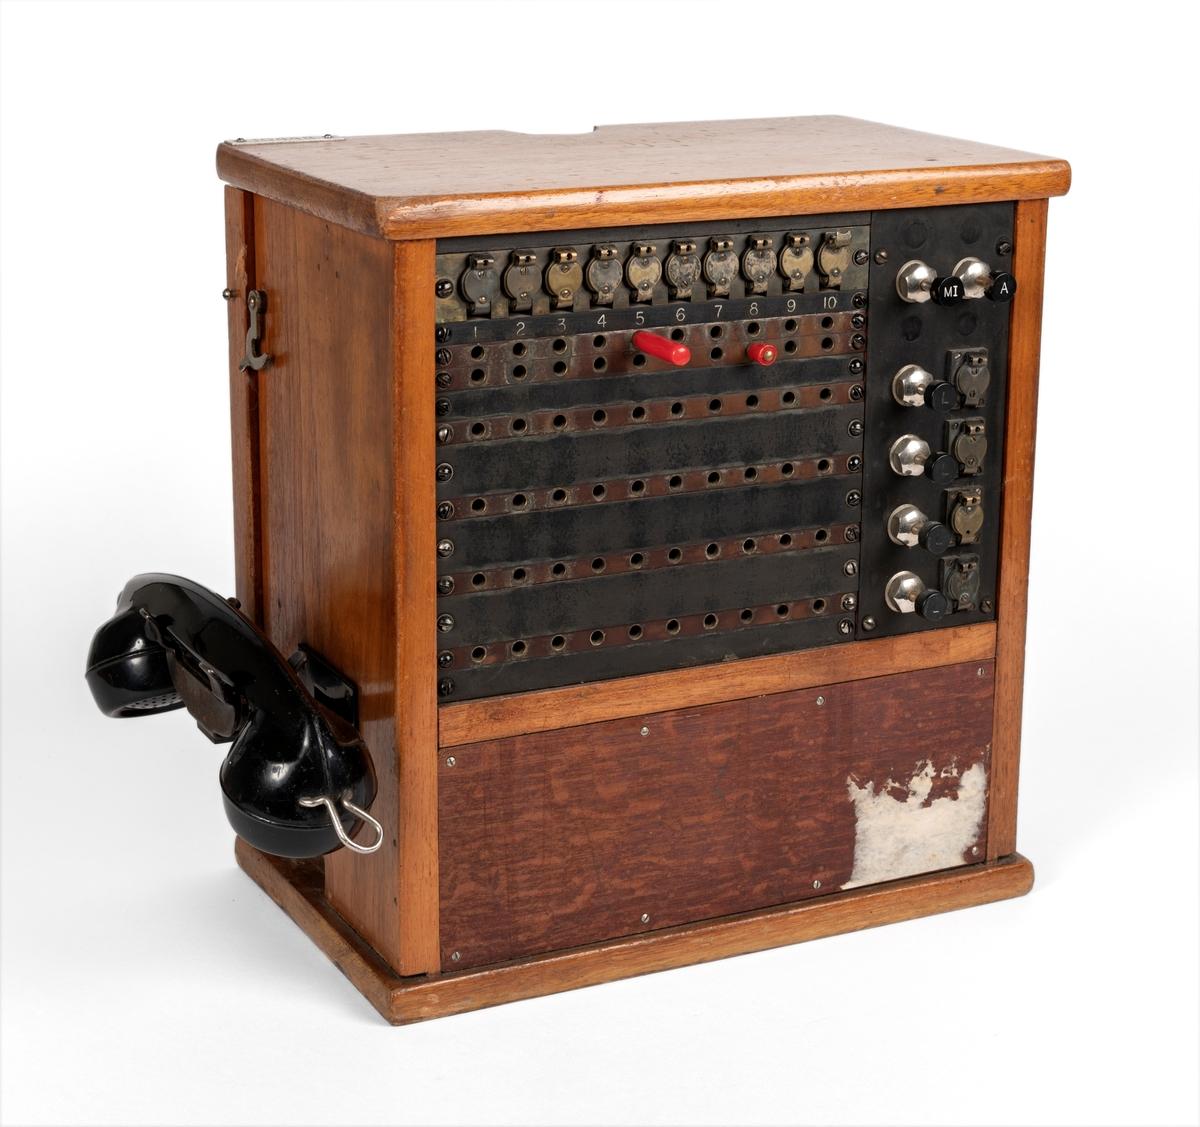 Trekasse med oppheng for telefonrør på venstre side. På forsiden hull for oppkopling til ulike nummer.